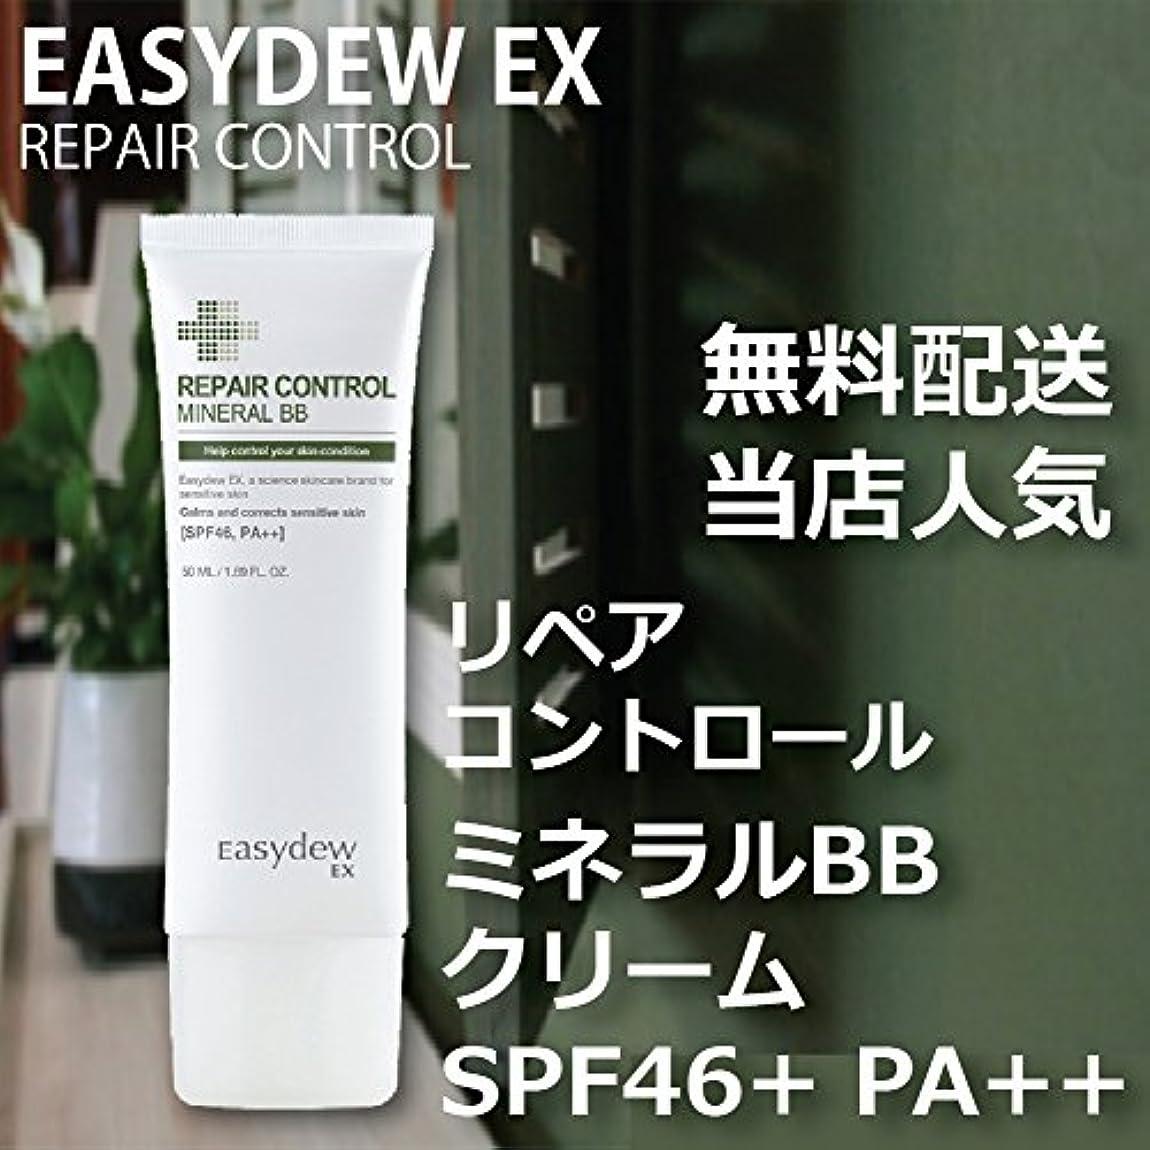 ベース春課すEASY DEW EX ミネラル BBクリーム SPF46+ PA++ 50ml MINRAL BB CREAM 韓国 人気 コスメ イージーデュー 敏感 乾燥 美白 しわ 3重機能性